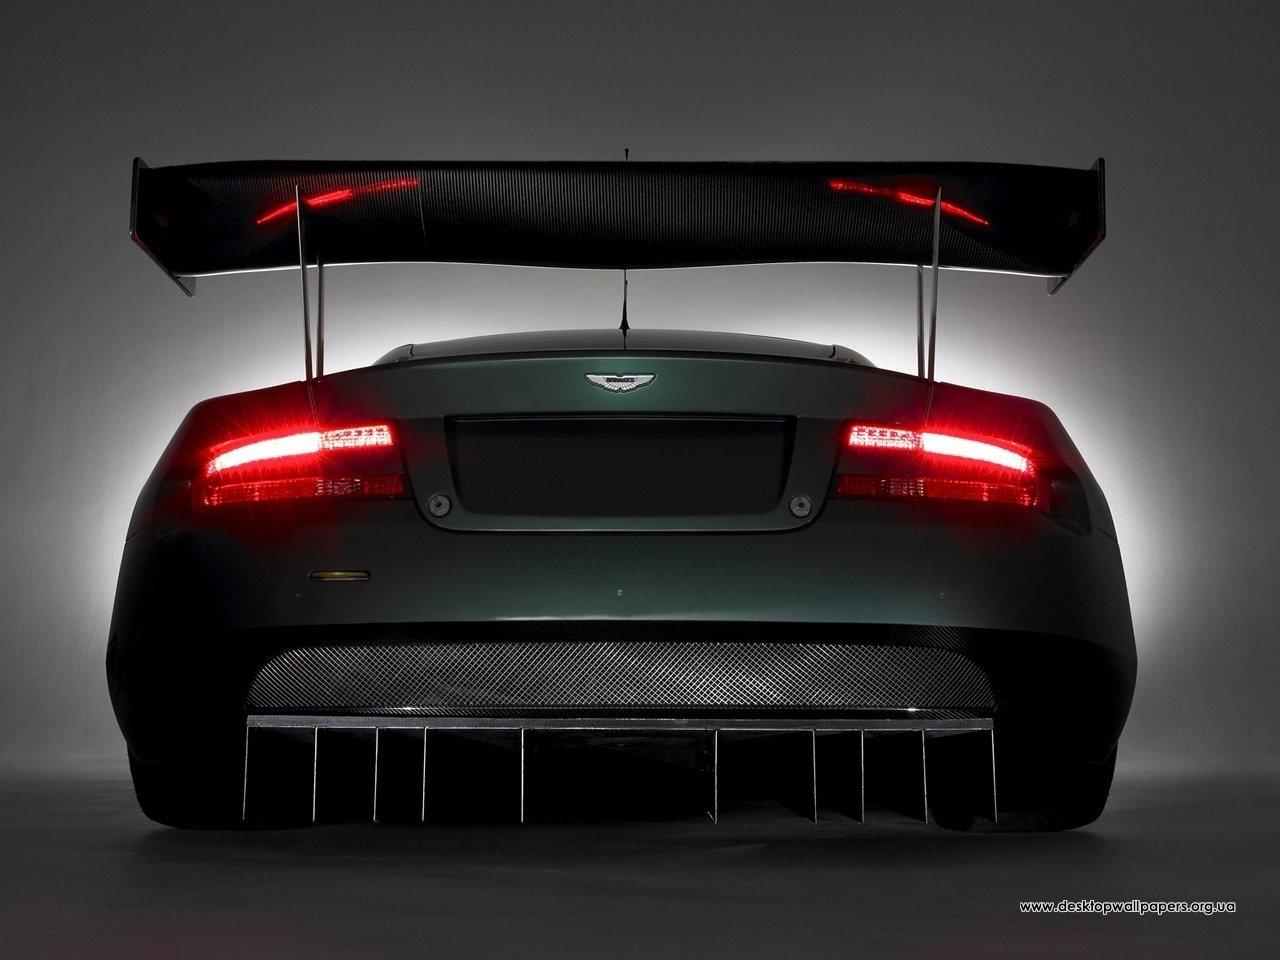 1028 скачать обои Транспорт, Машины, Астон Мартин (Aston Martin) - заставки и картинки бесплатно